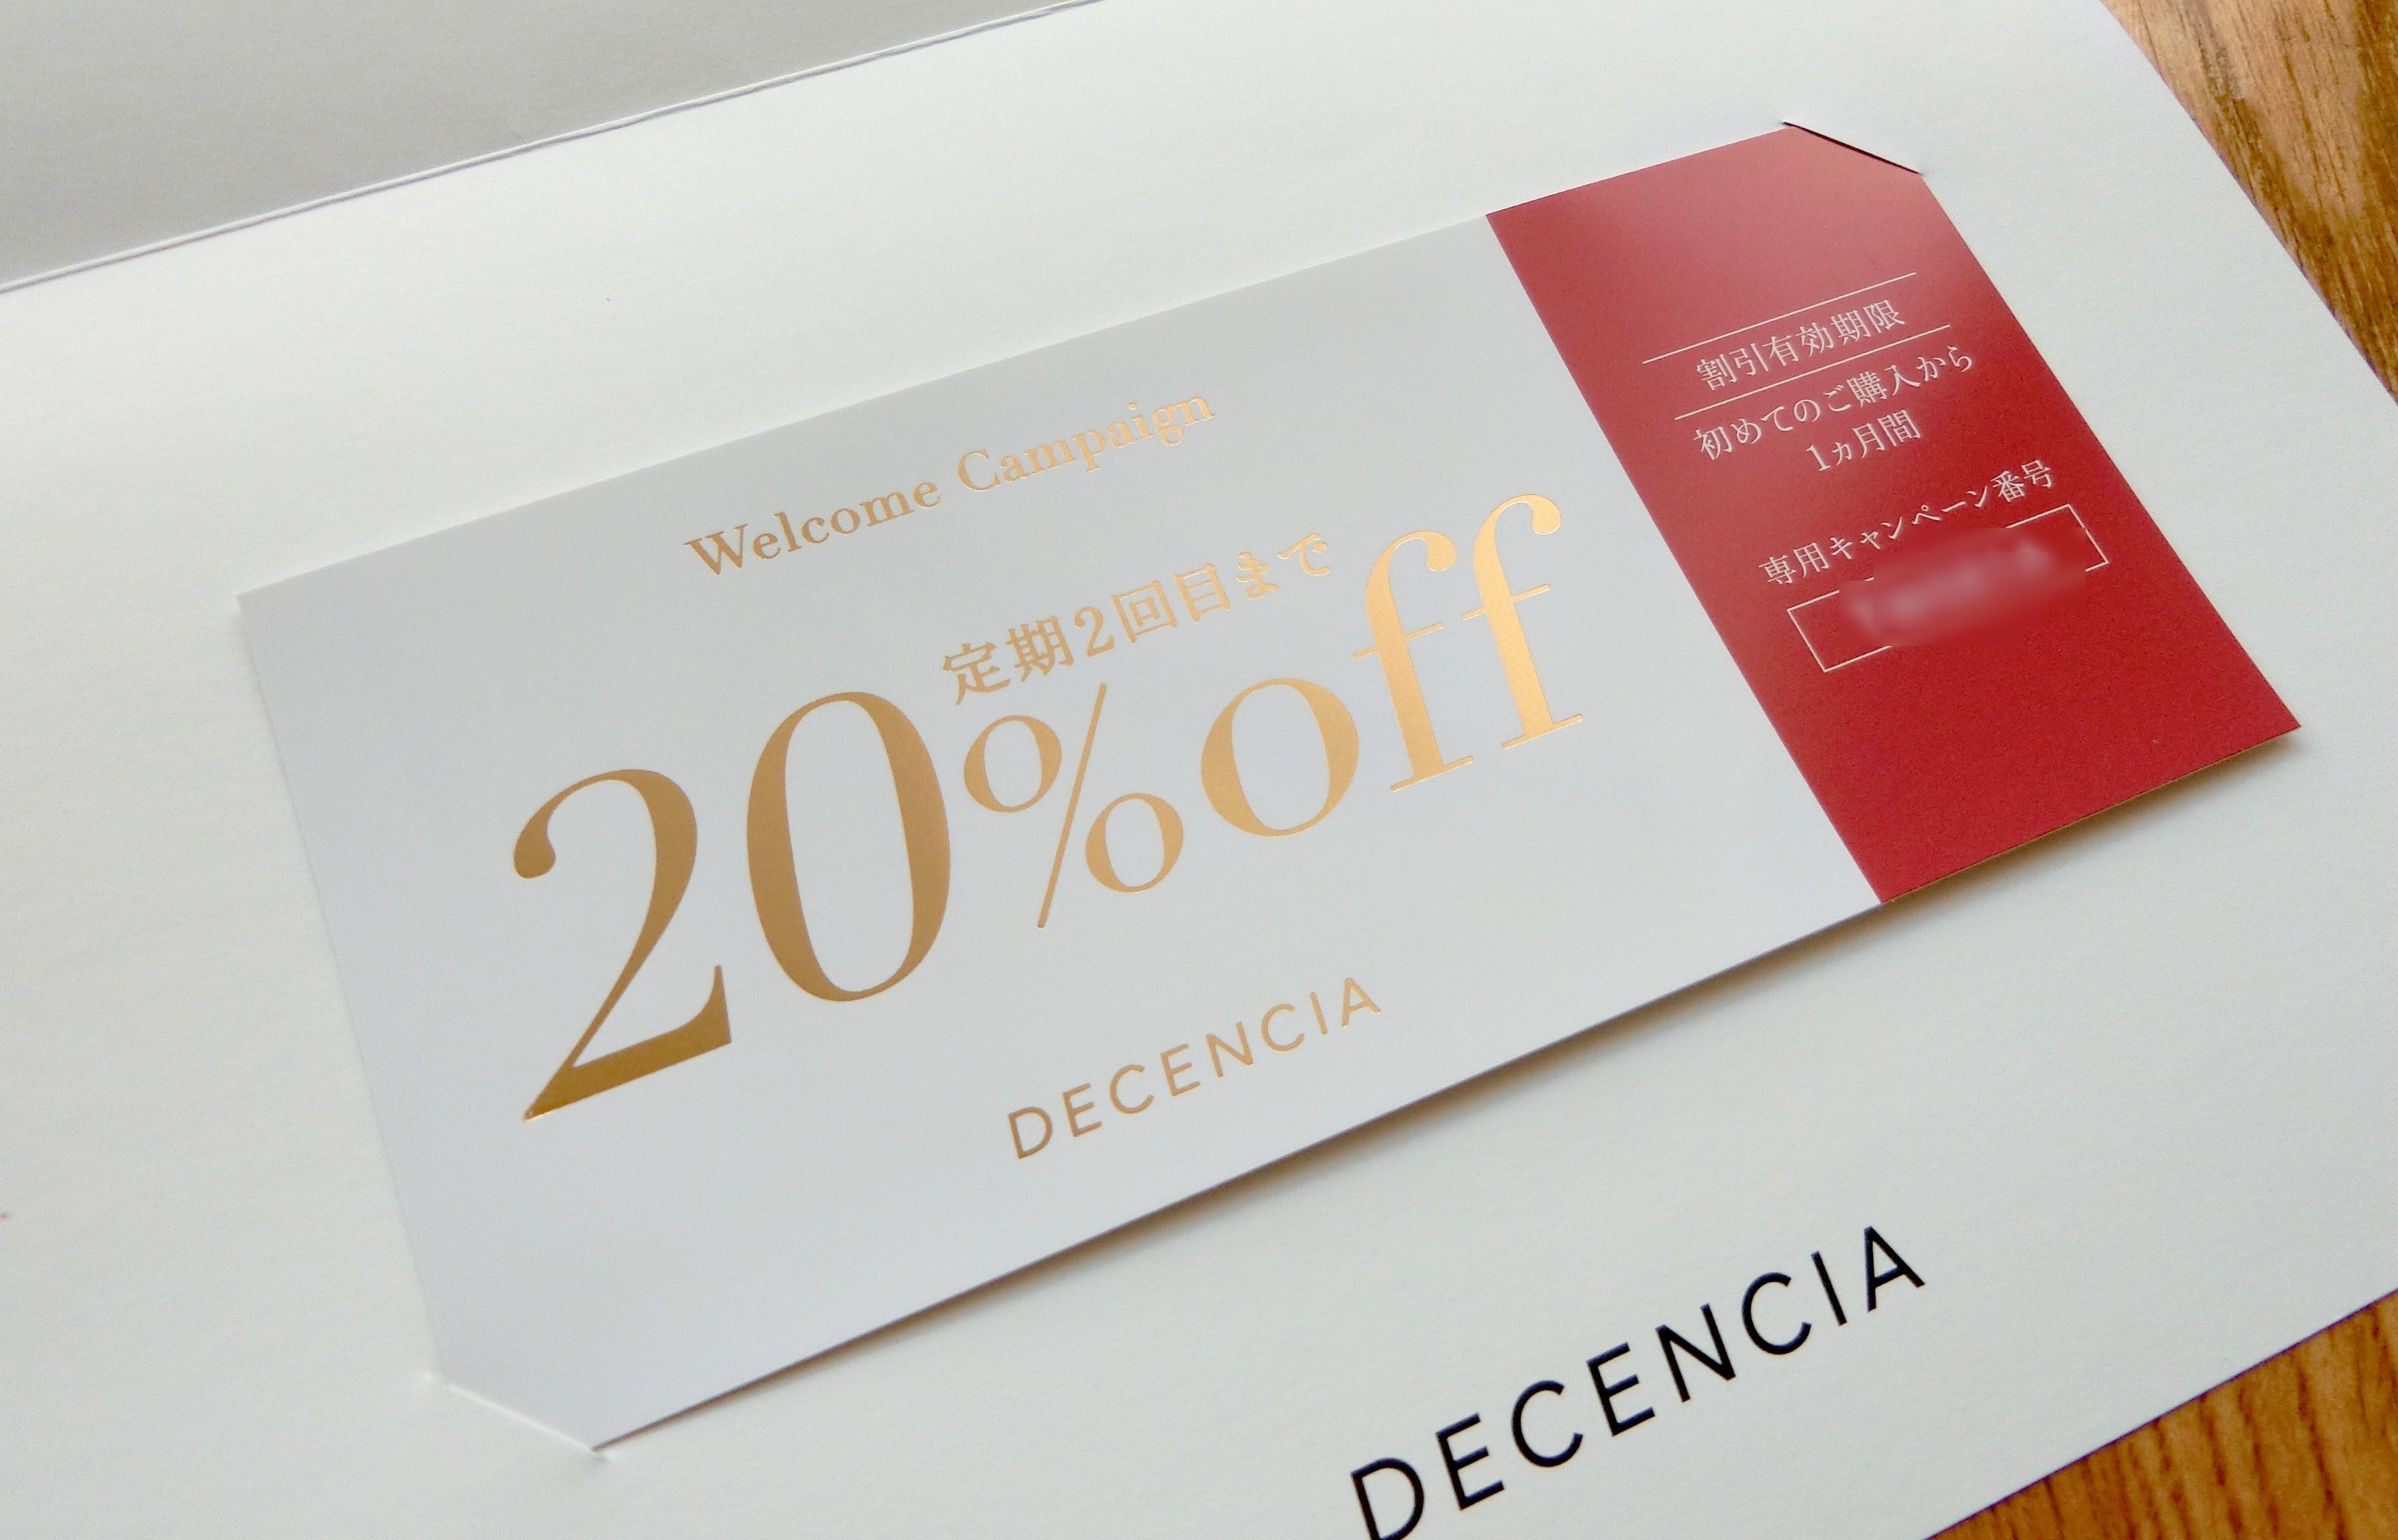 ディセンシア・アヤナス・20%オフチケット